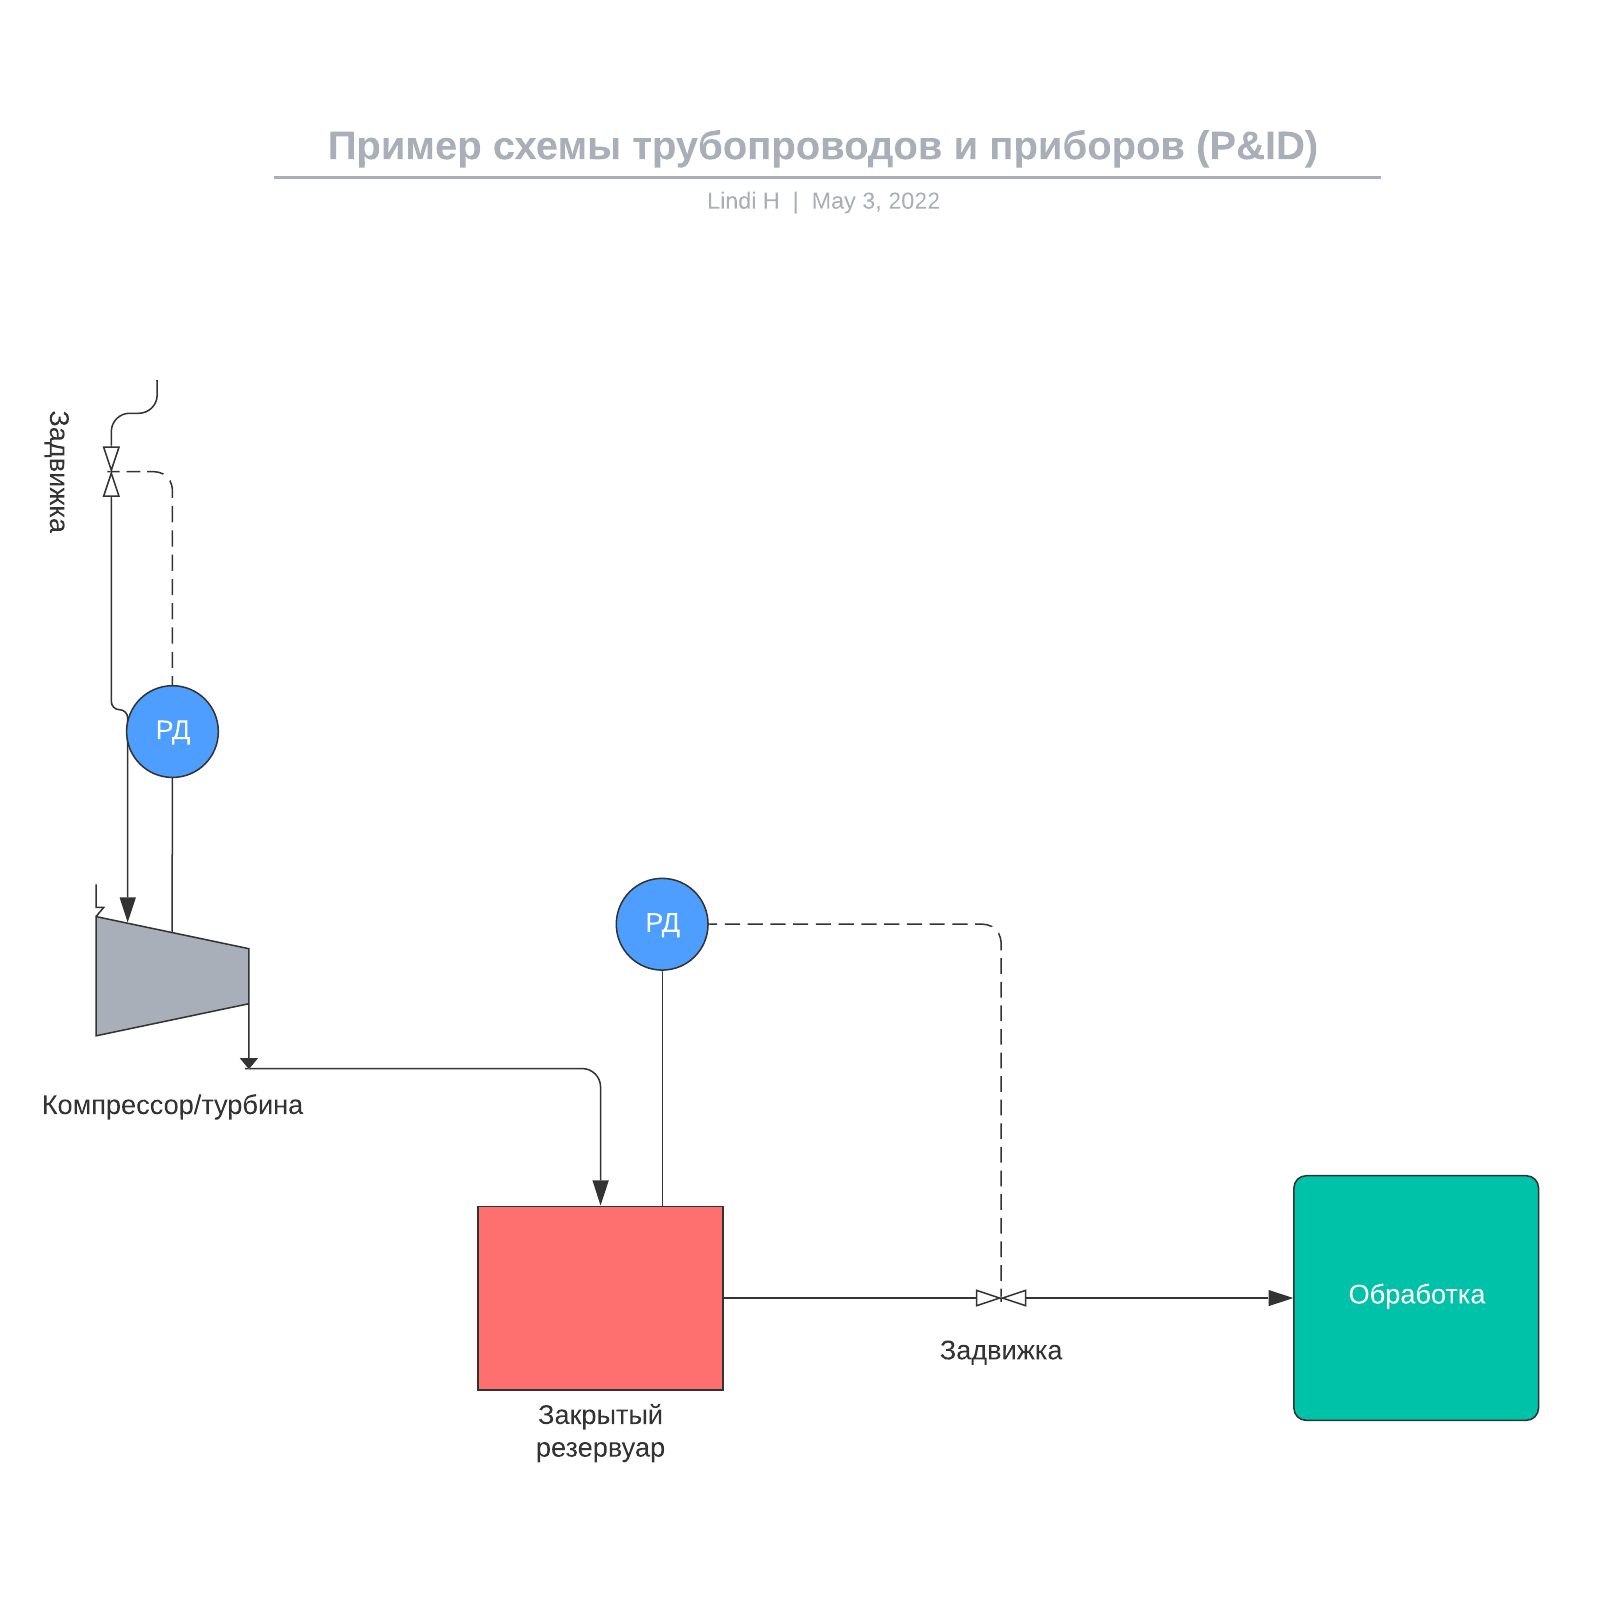 Пример схемы трубопроводов и приборов (P&ID)